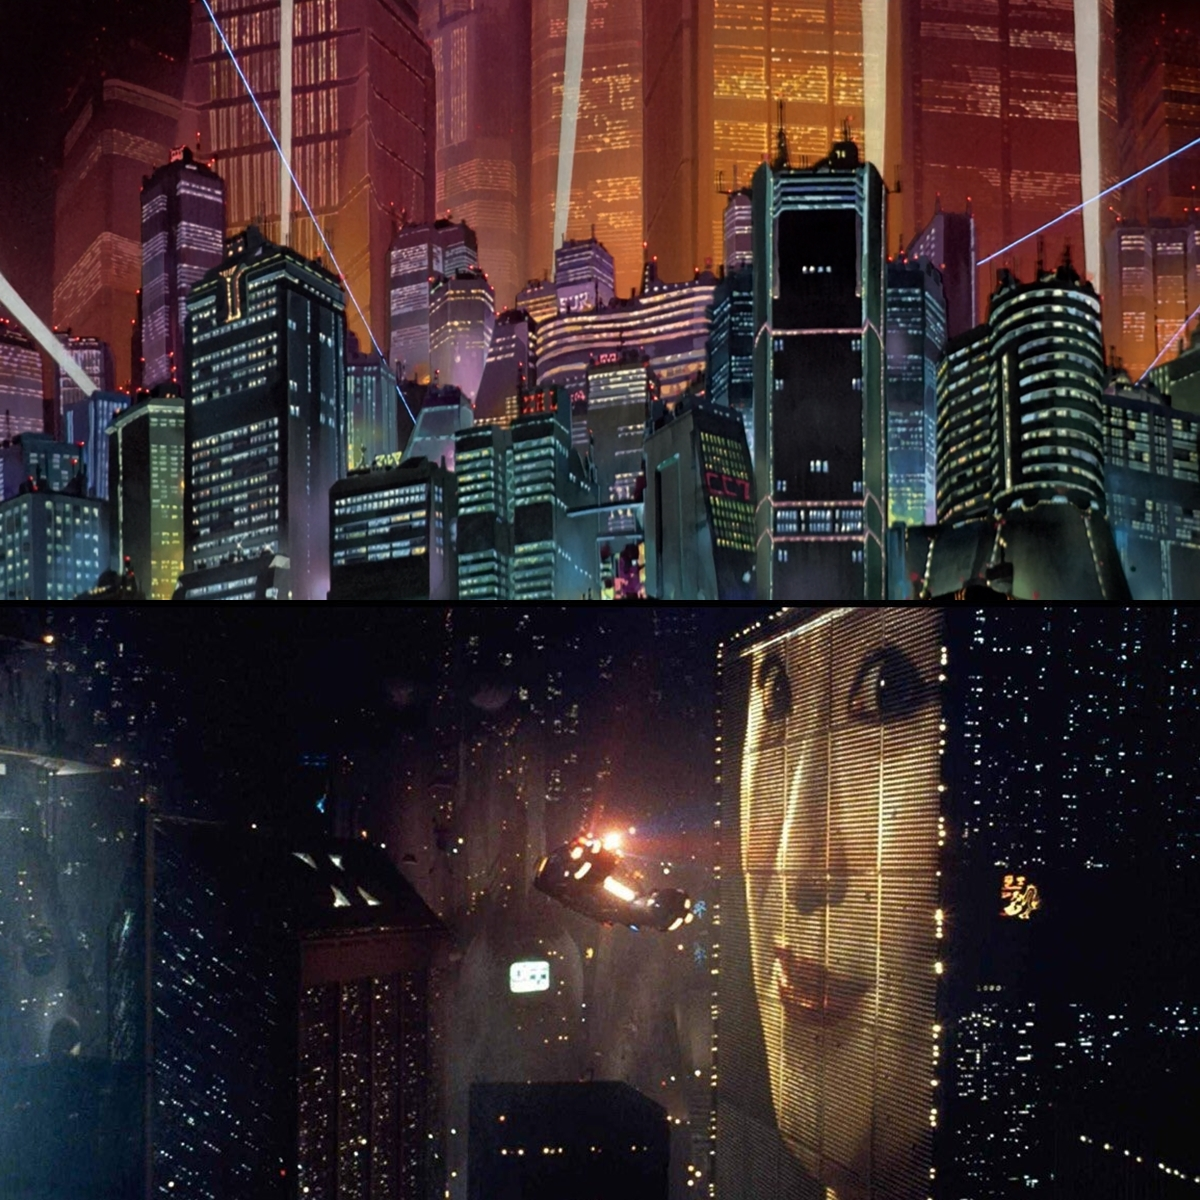 後無來者的神級動畫《阿基拉》,在奧運延期神預言之外,10個你一定看過的電影設定!┃電影專題